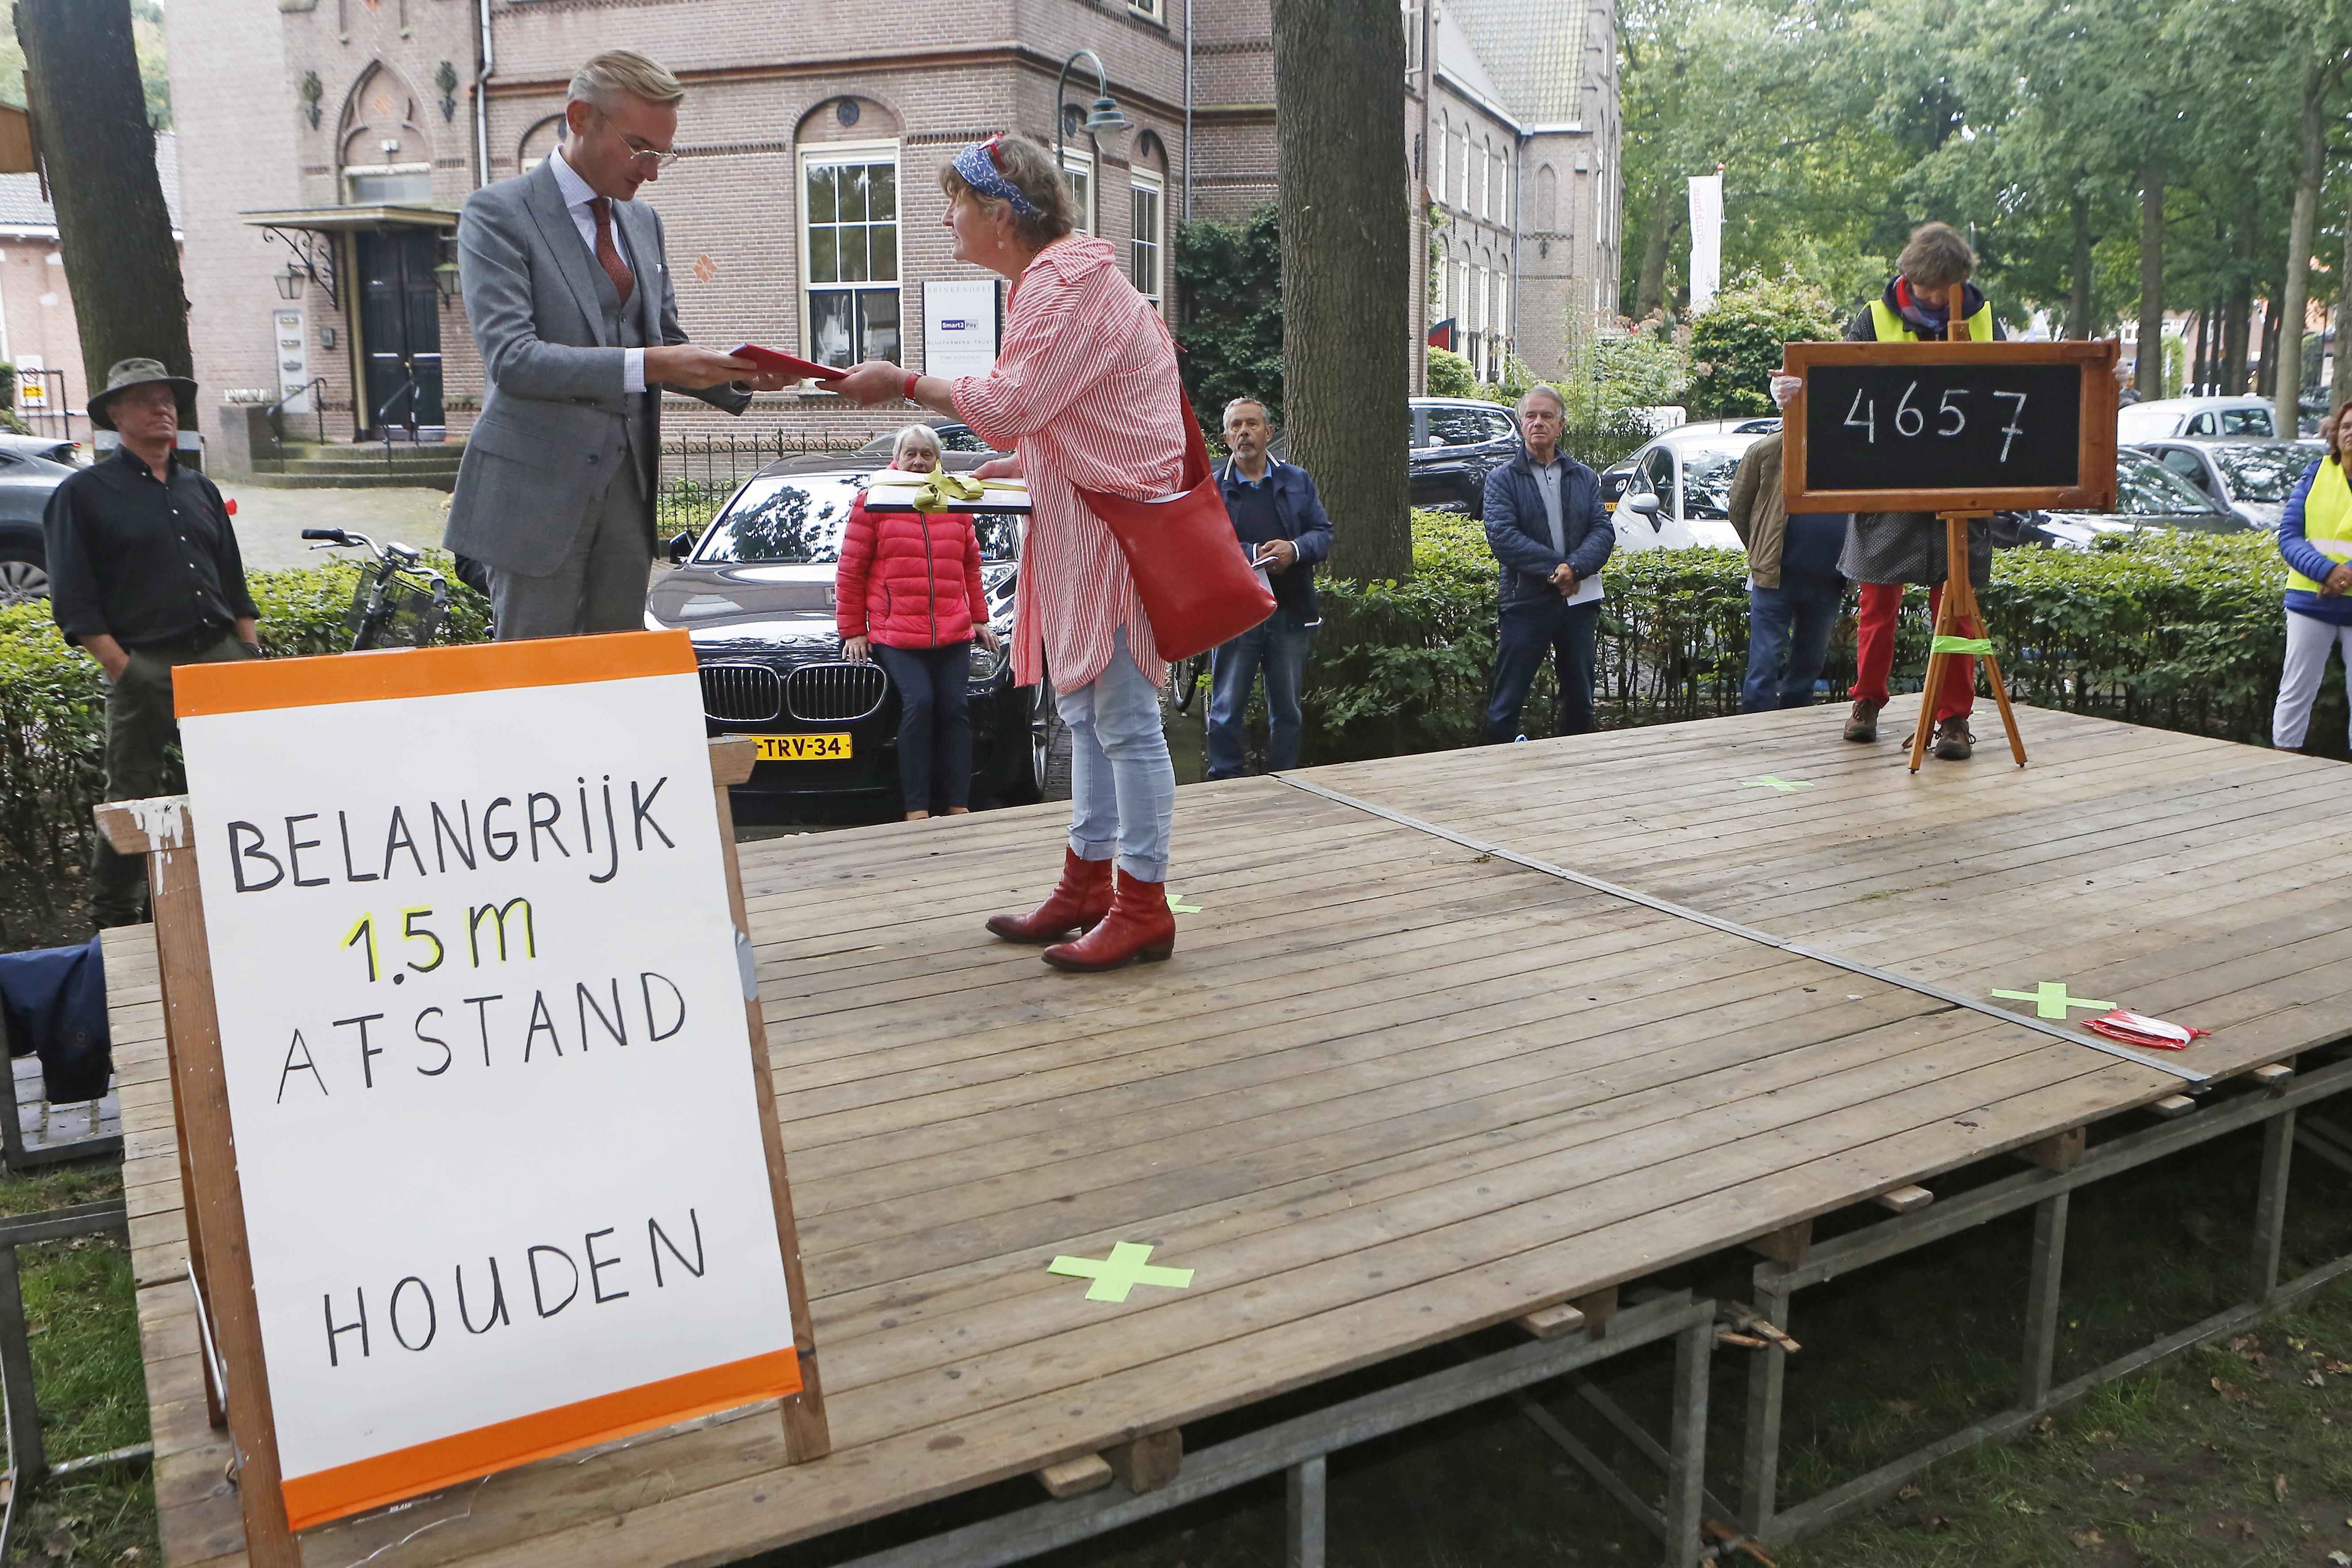 Politiek Laren gunt het volk de overwinning: streep door Brinkplan en nu heel zorgvuldig kijken wat wel en niet echt nodig is